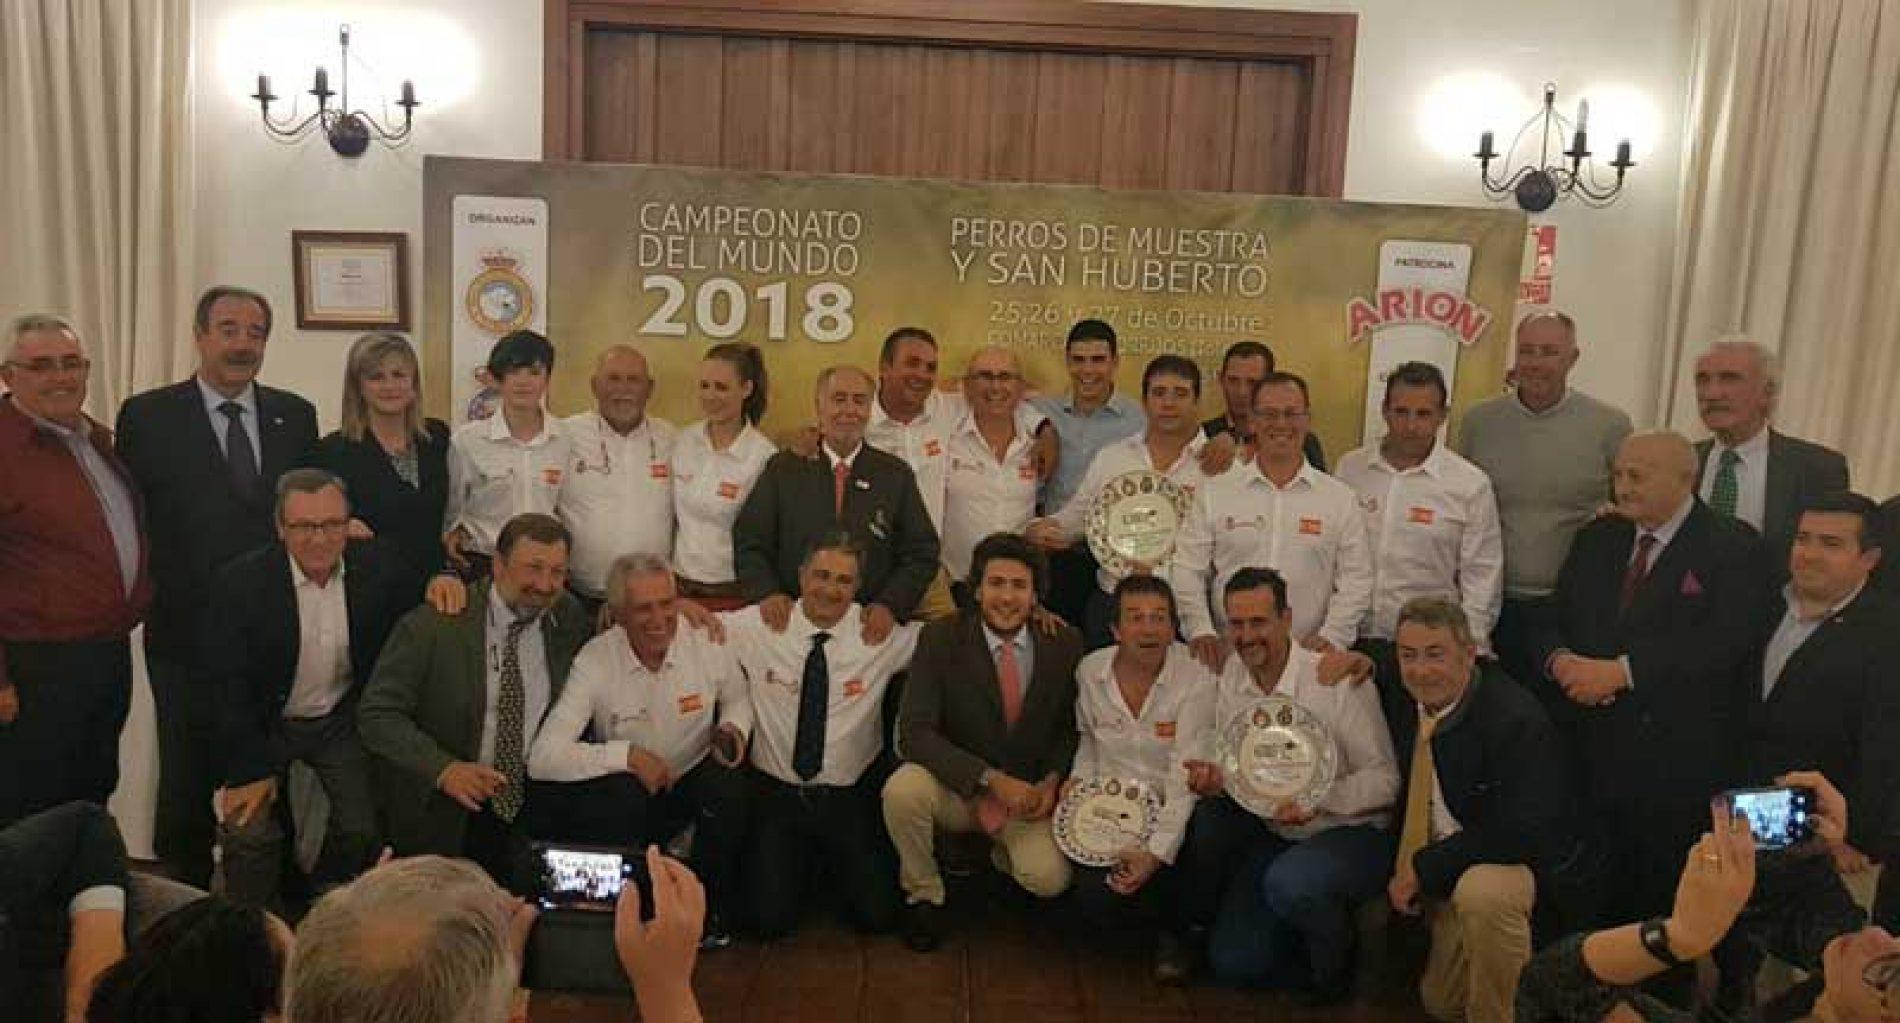 Gran papel del equipo español en el Campeonato del Mundo de San Huberto